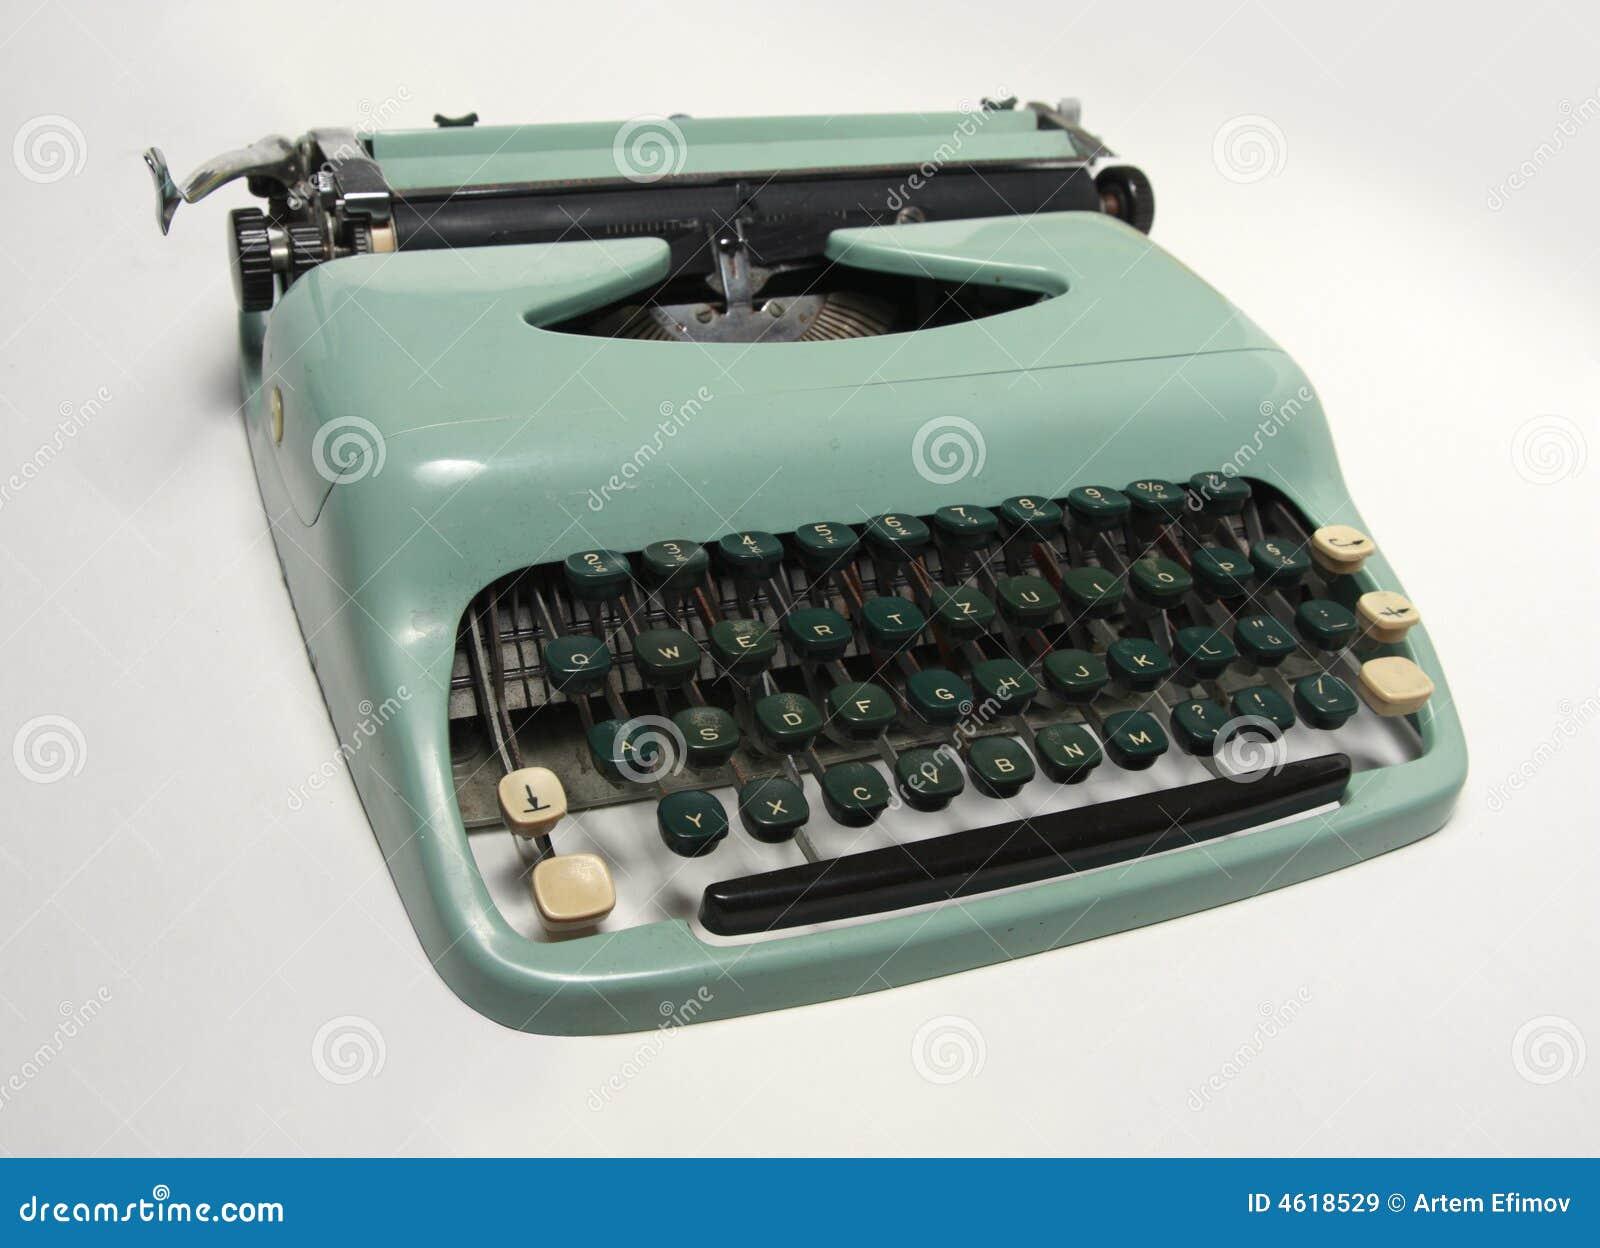 Typewriter  Wikipedia